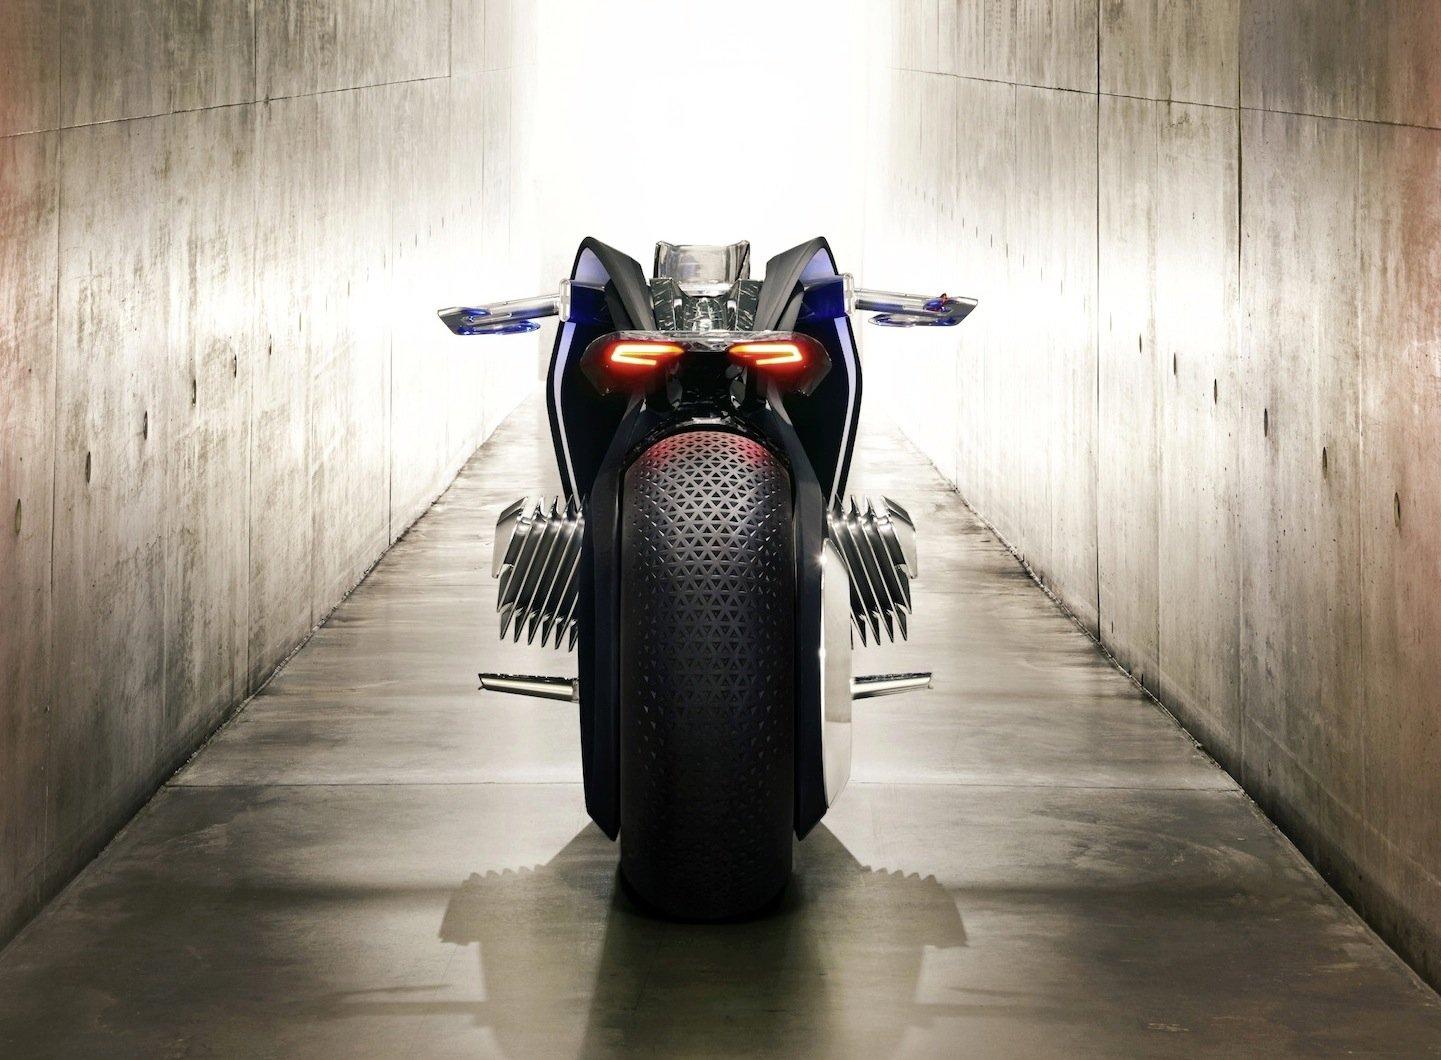 Das BMW-MotorradVision Next 100 von hinten: Es balanciert sich selber aus und kann praktisch nicht umkippen.